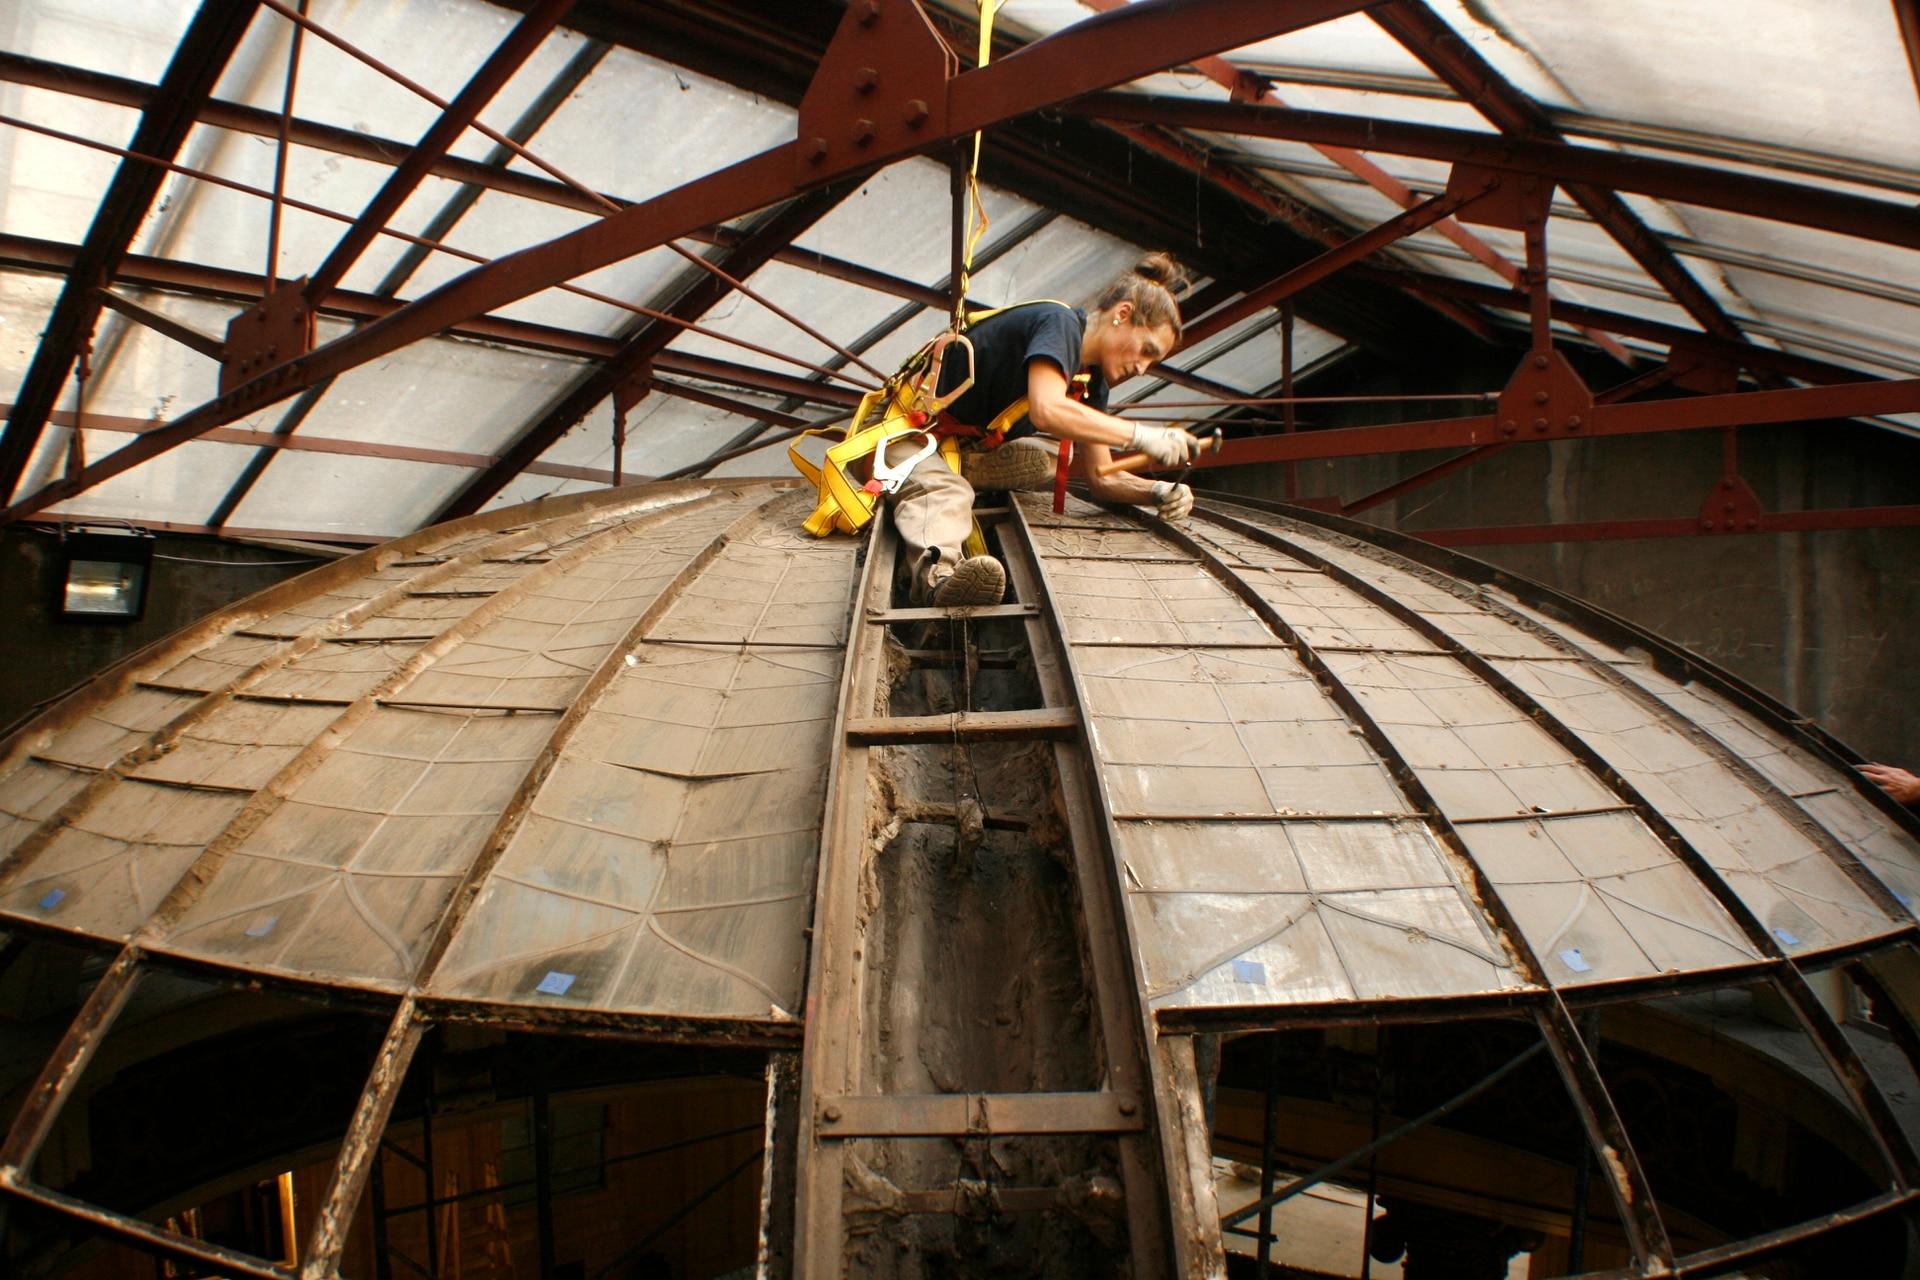 Paula Farina Ruiz en plenas tareas de restauración de la cúpula del ex café Retiro en la estación del ferrocarril Retiro Mitre.